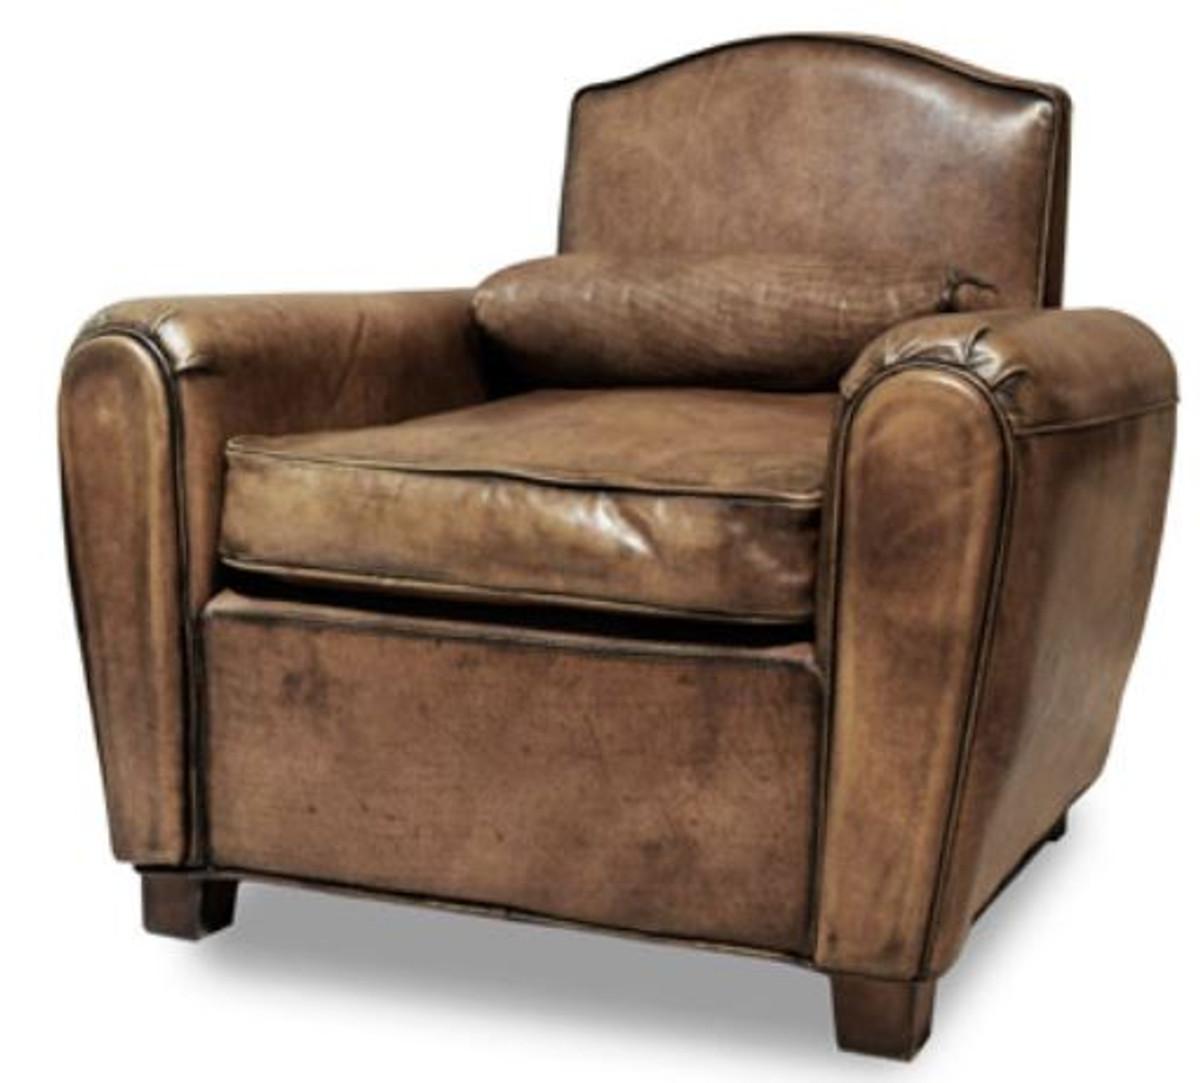 Casa padrino luxus wohnzimmer leder sessel vintage braun for Wohnzimmer sessel vintage